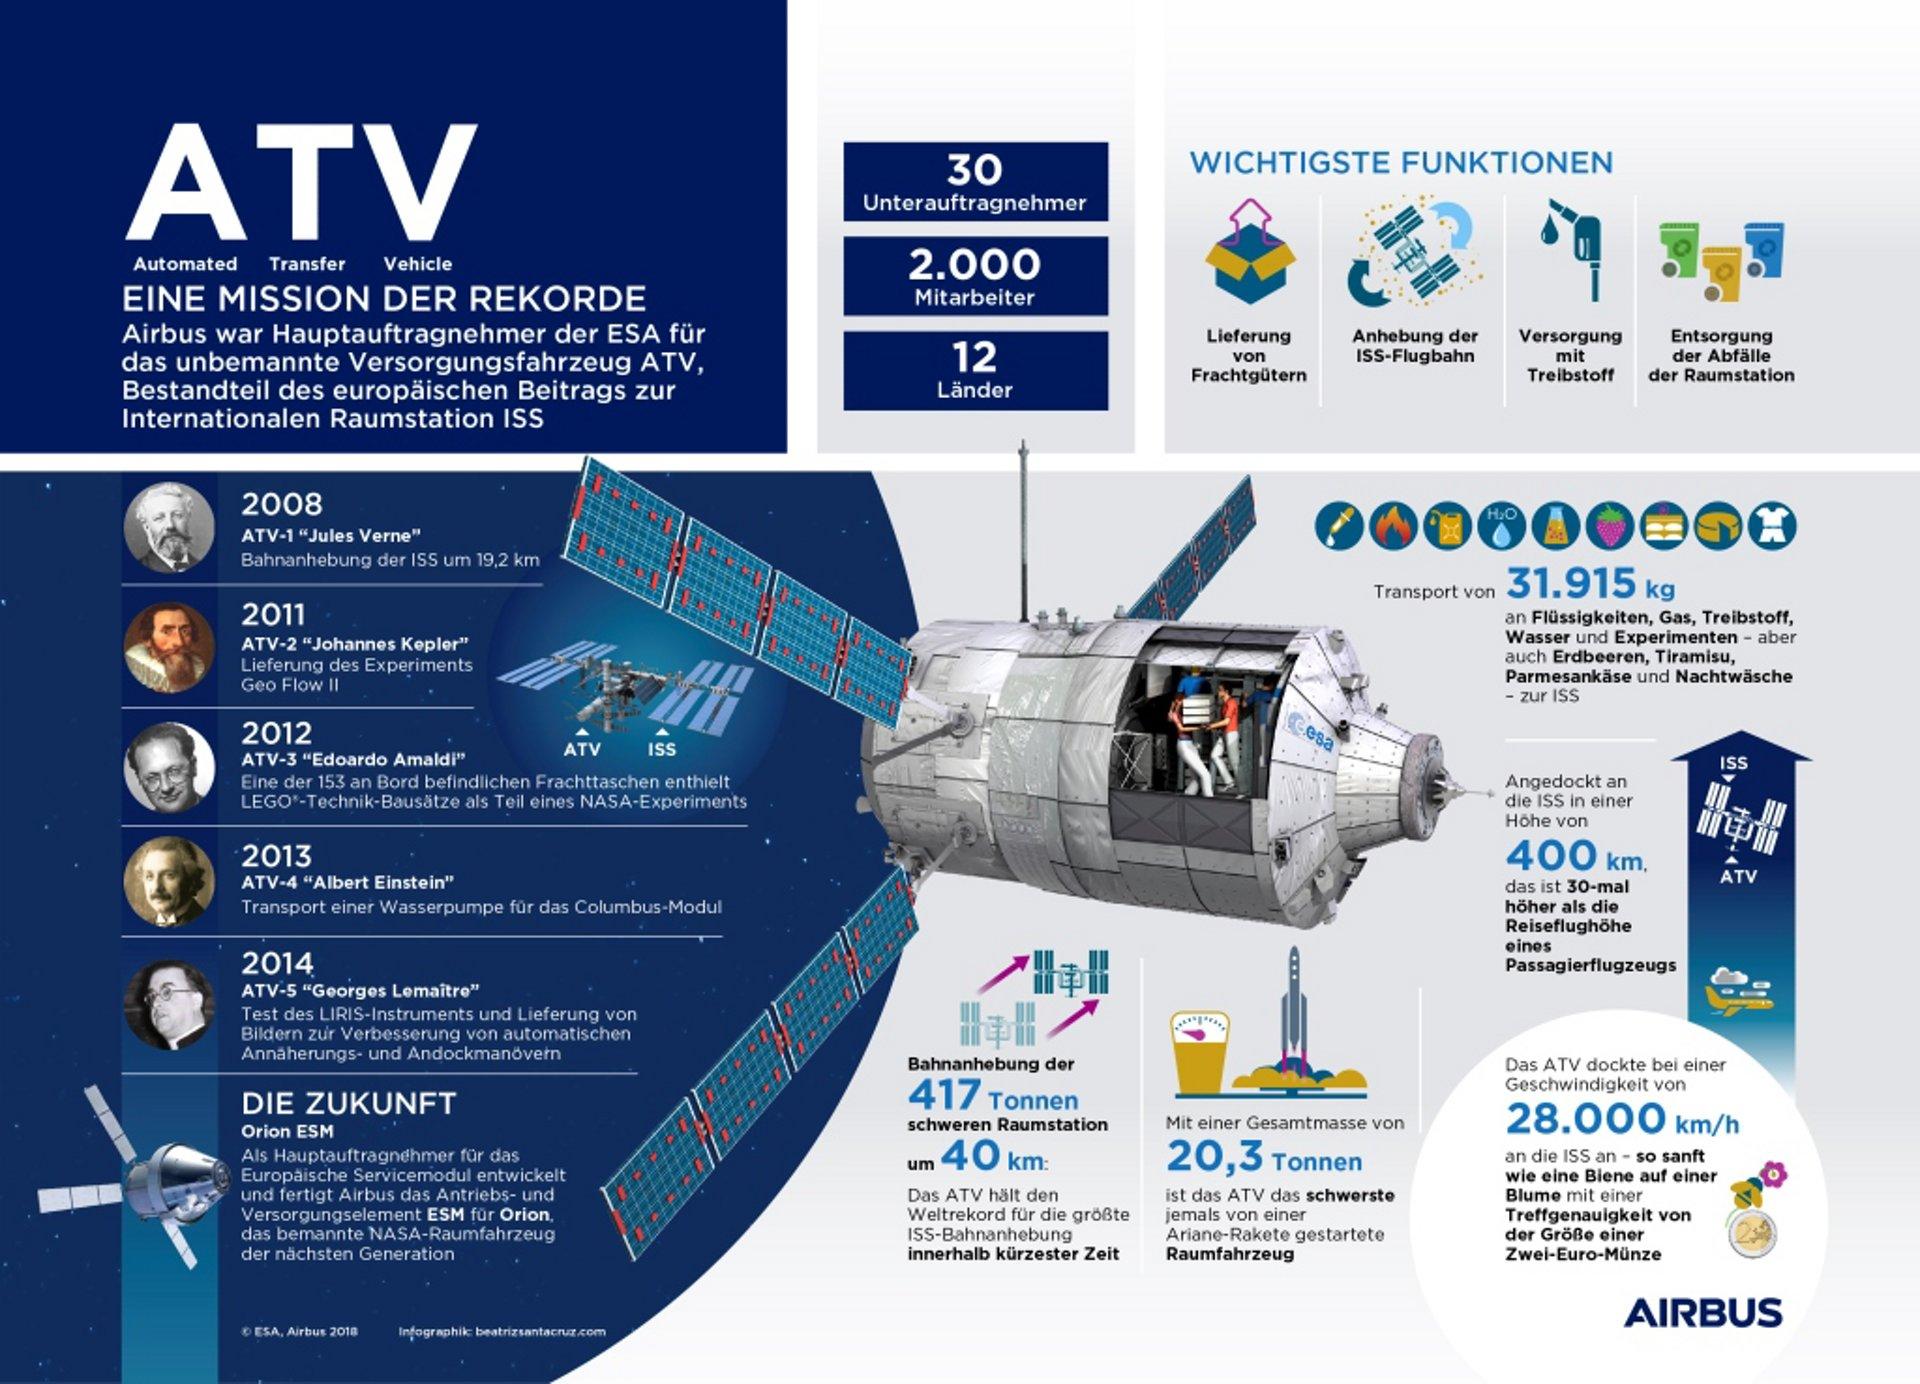 20180305_ATV_Infographic_DE